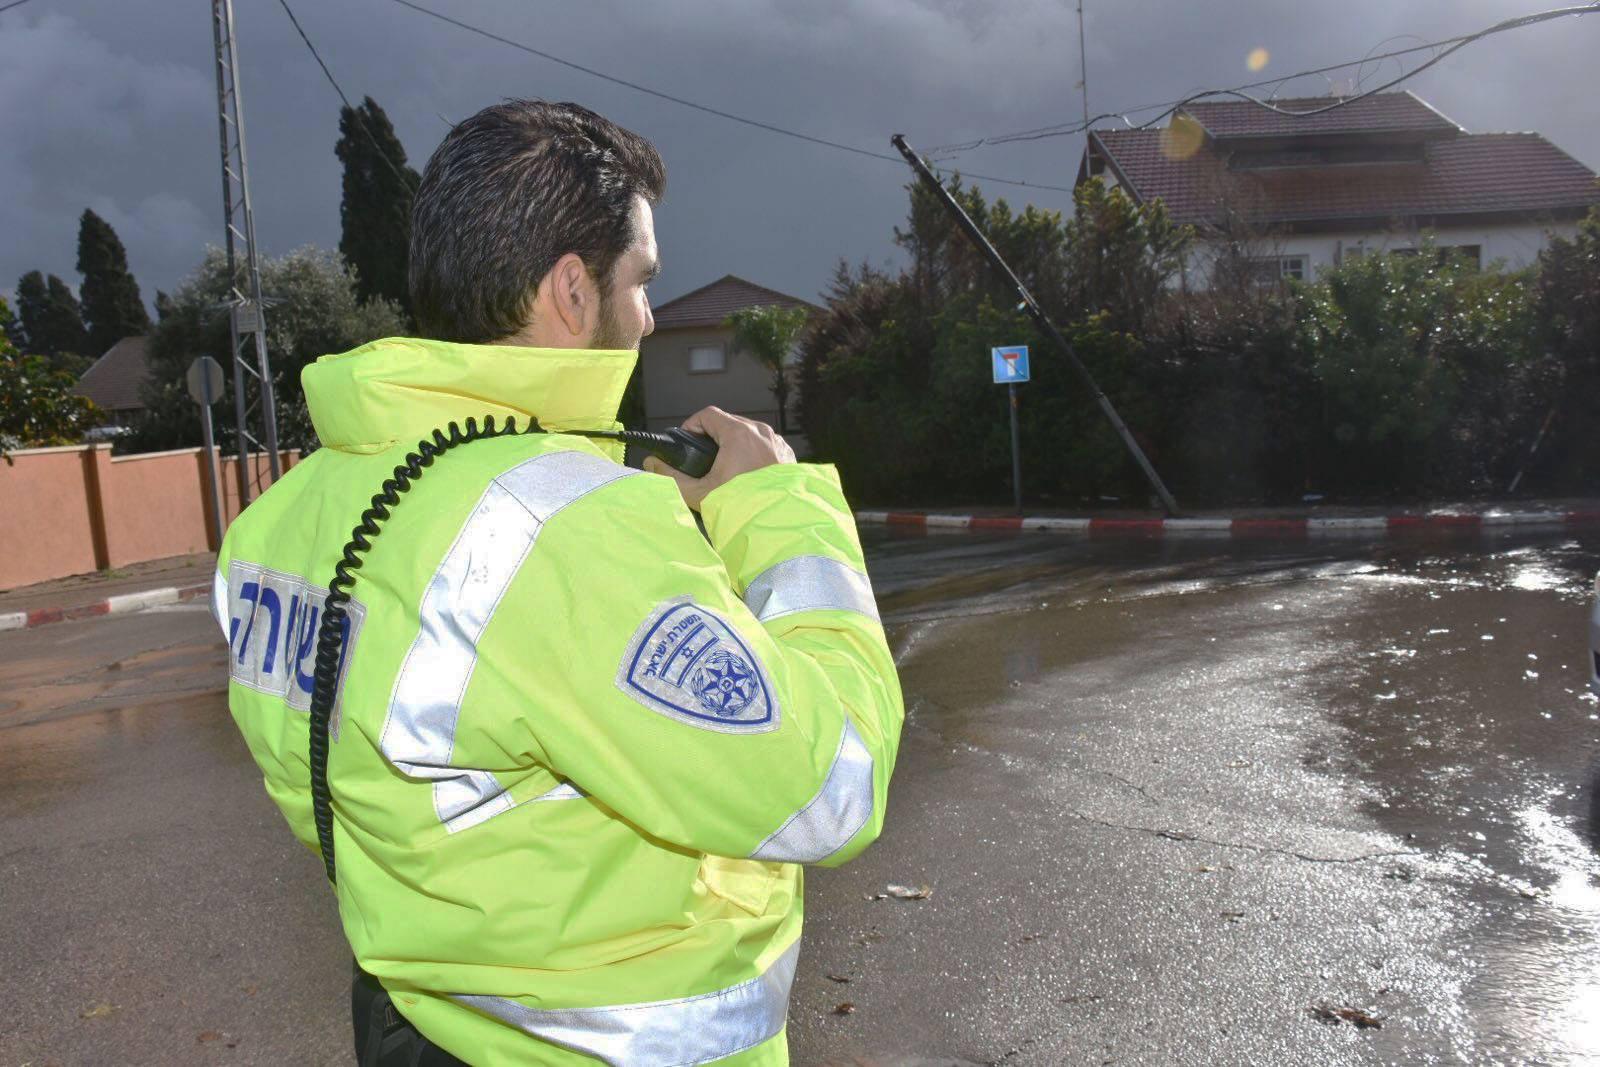 היערכות לקראת מזג אוויר סוער והמלצות לנהגים ומשתמשי הדרך